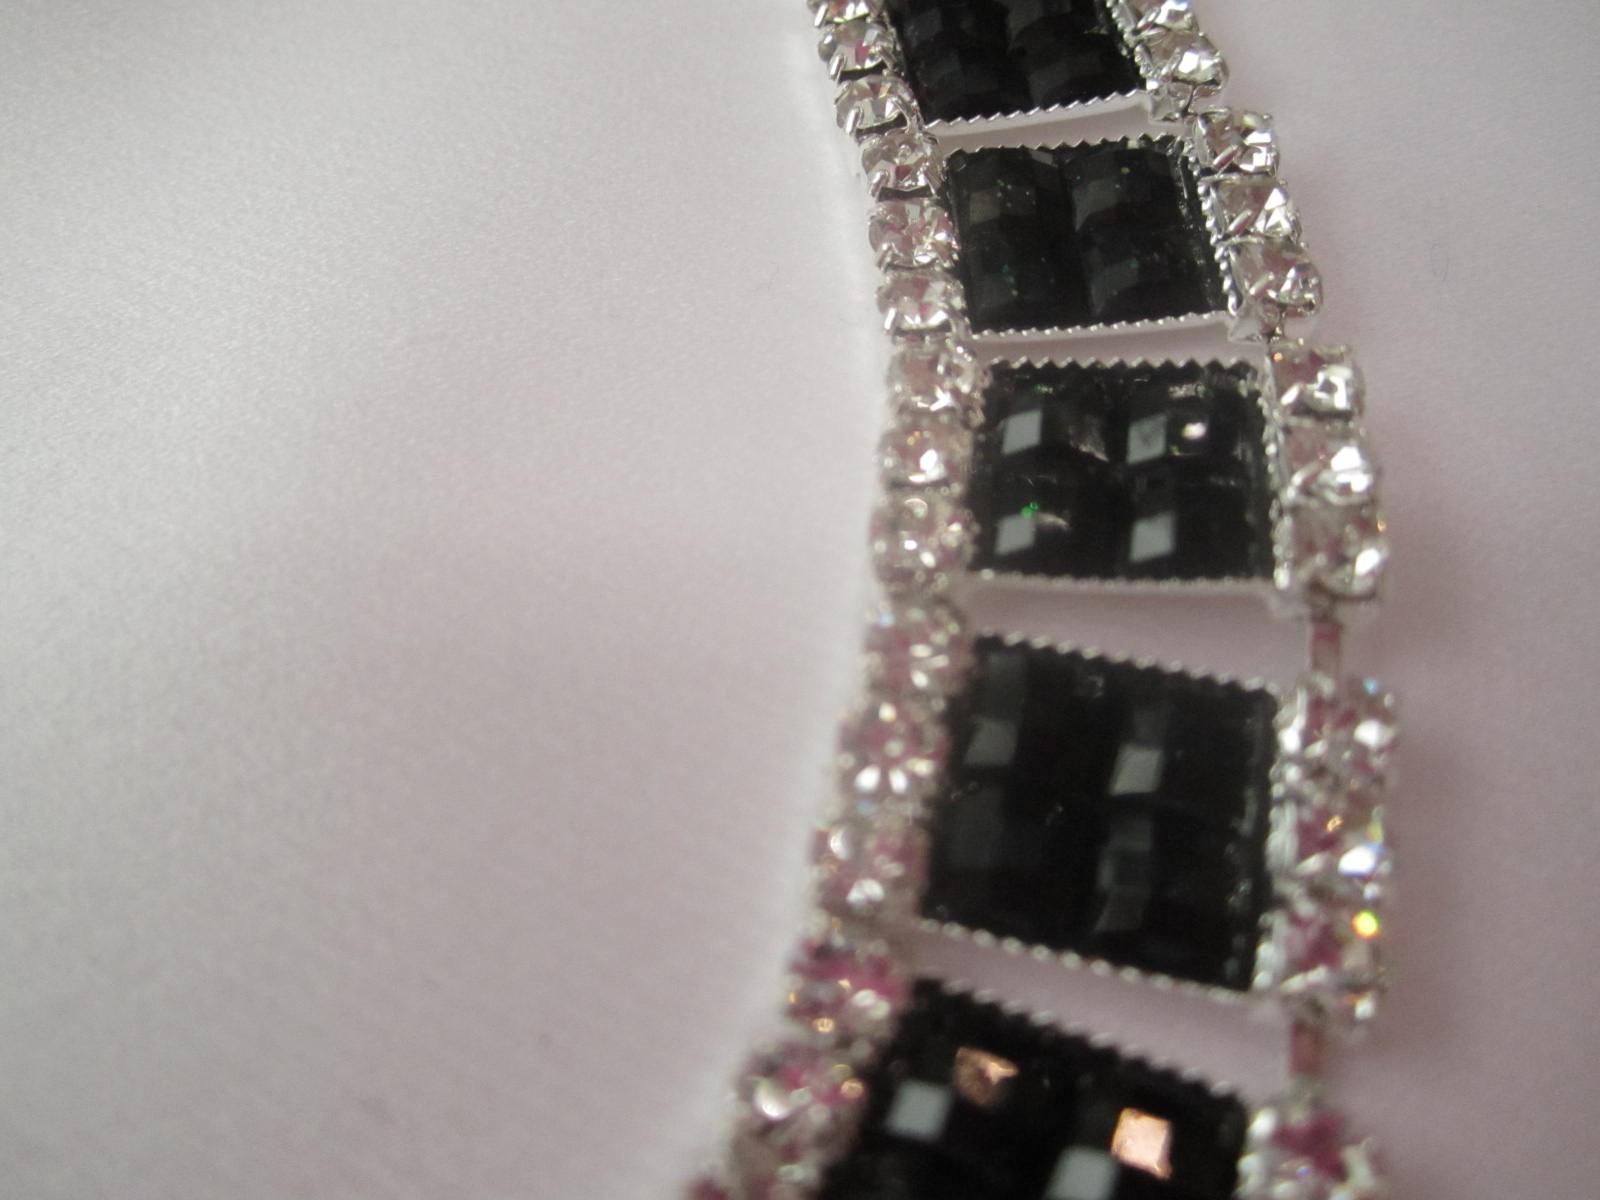 W Mega Taśma kryształowa ozdobna czerń biel Swarovski - Binassi VH61